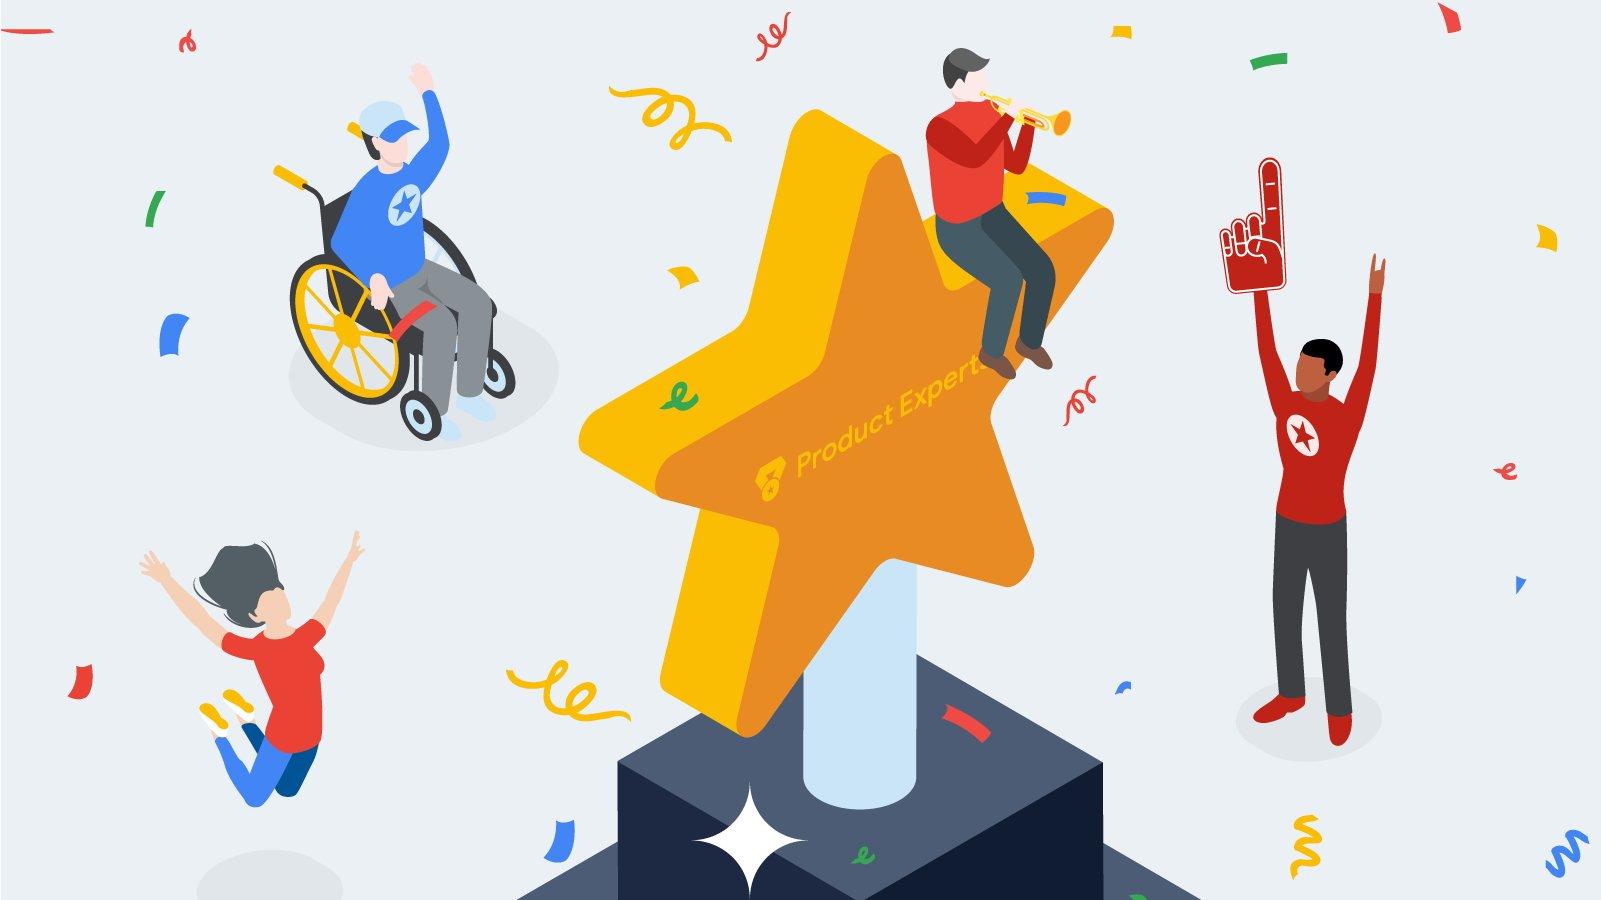 التّرقيات والميزات التي يحصل عليها خبراء منتجات Google